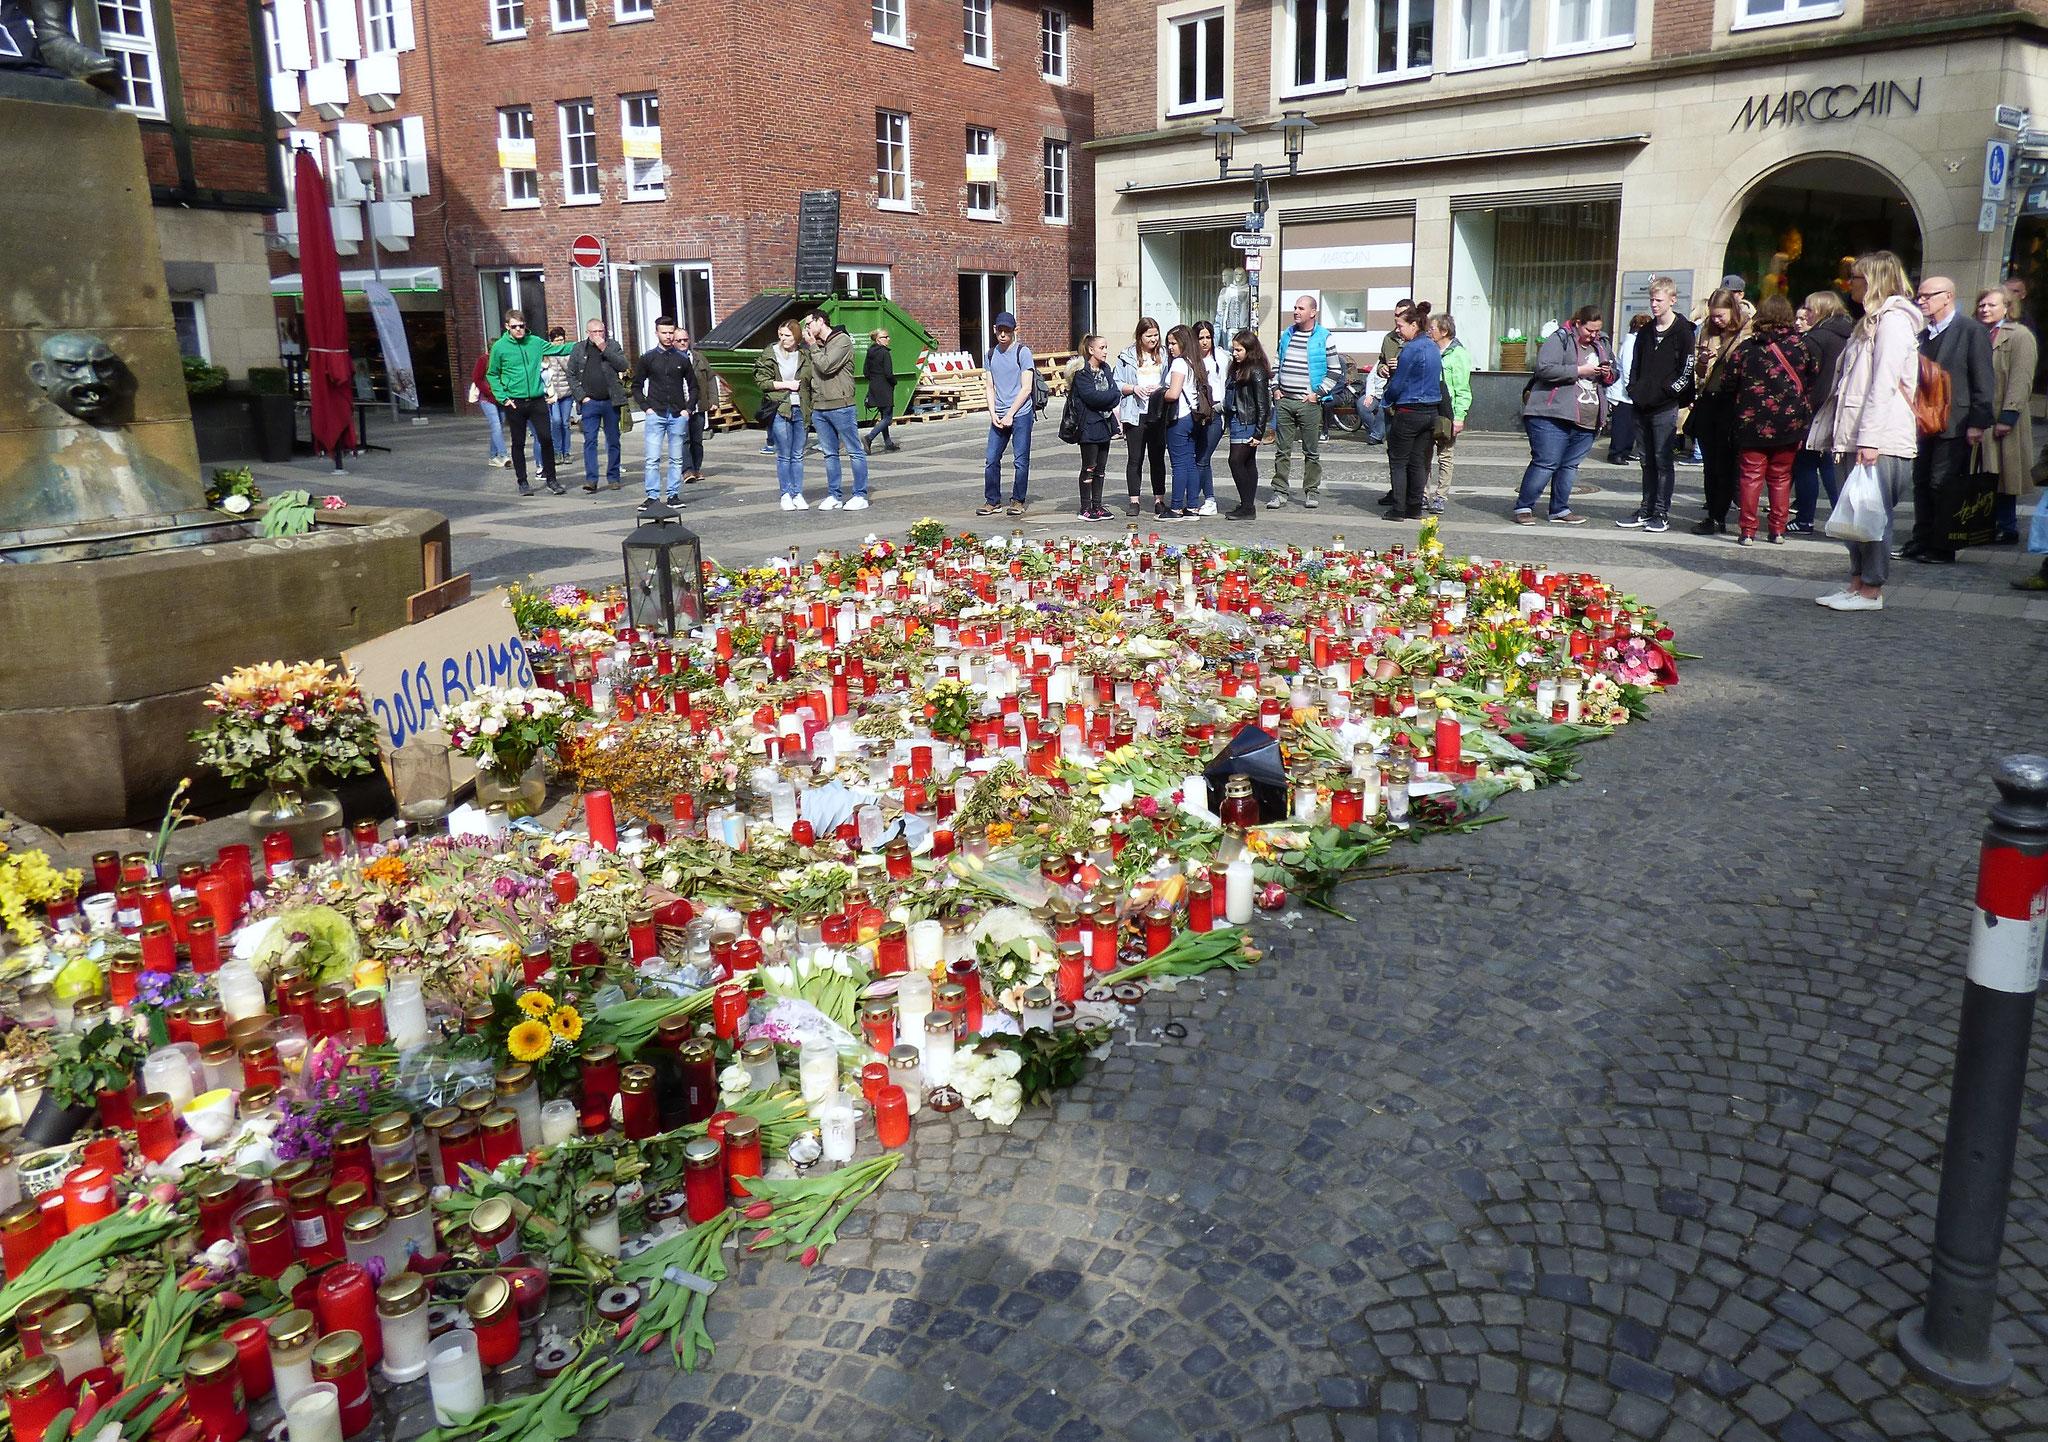 Am Kiepenkerl gedachten wir der Opfer der Amokfahrt vom 7.4. in Münster!